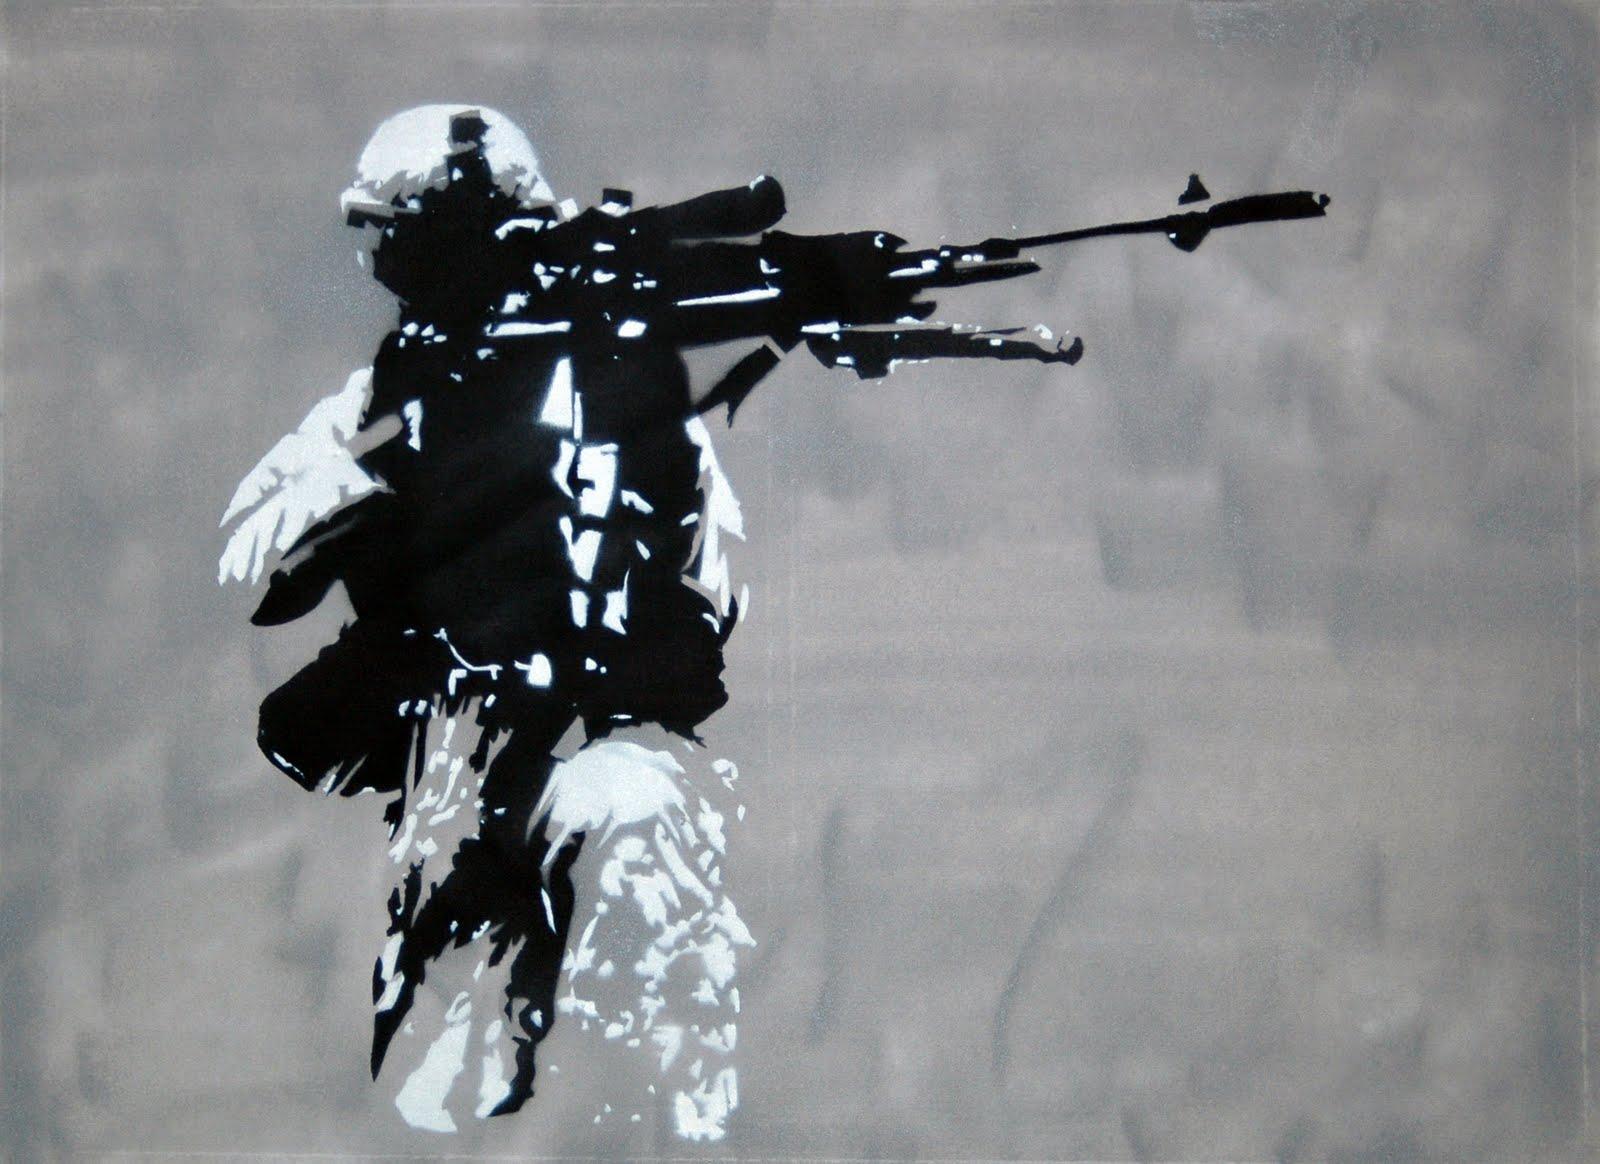 Soldier symbol of war symbol of peace sammyg art soldier symbol of war symbol of peace biocorpaavc Images